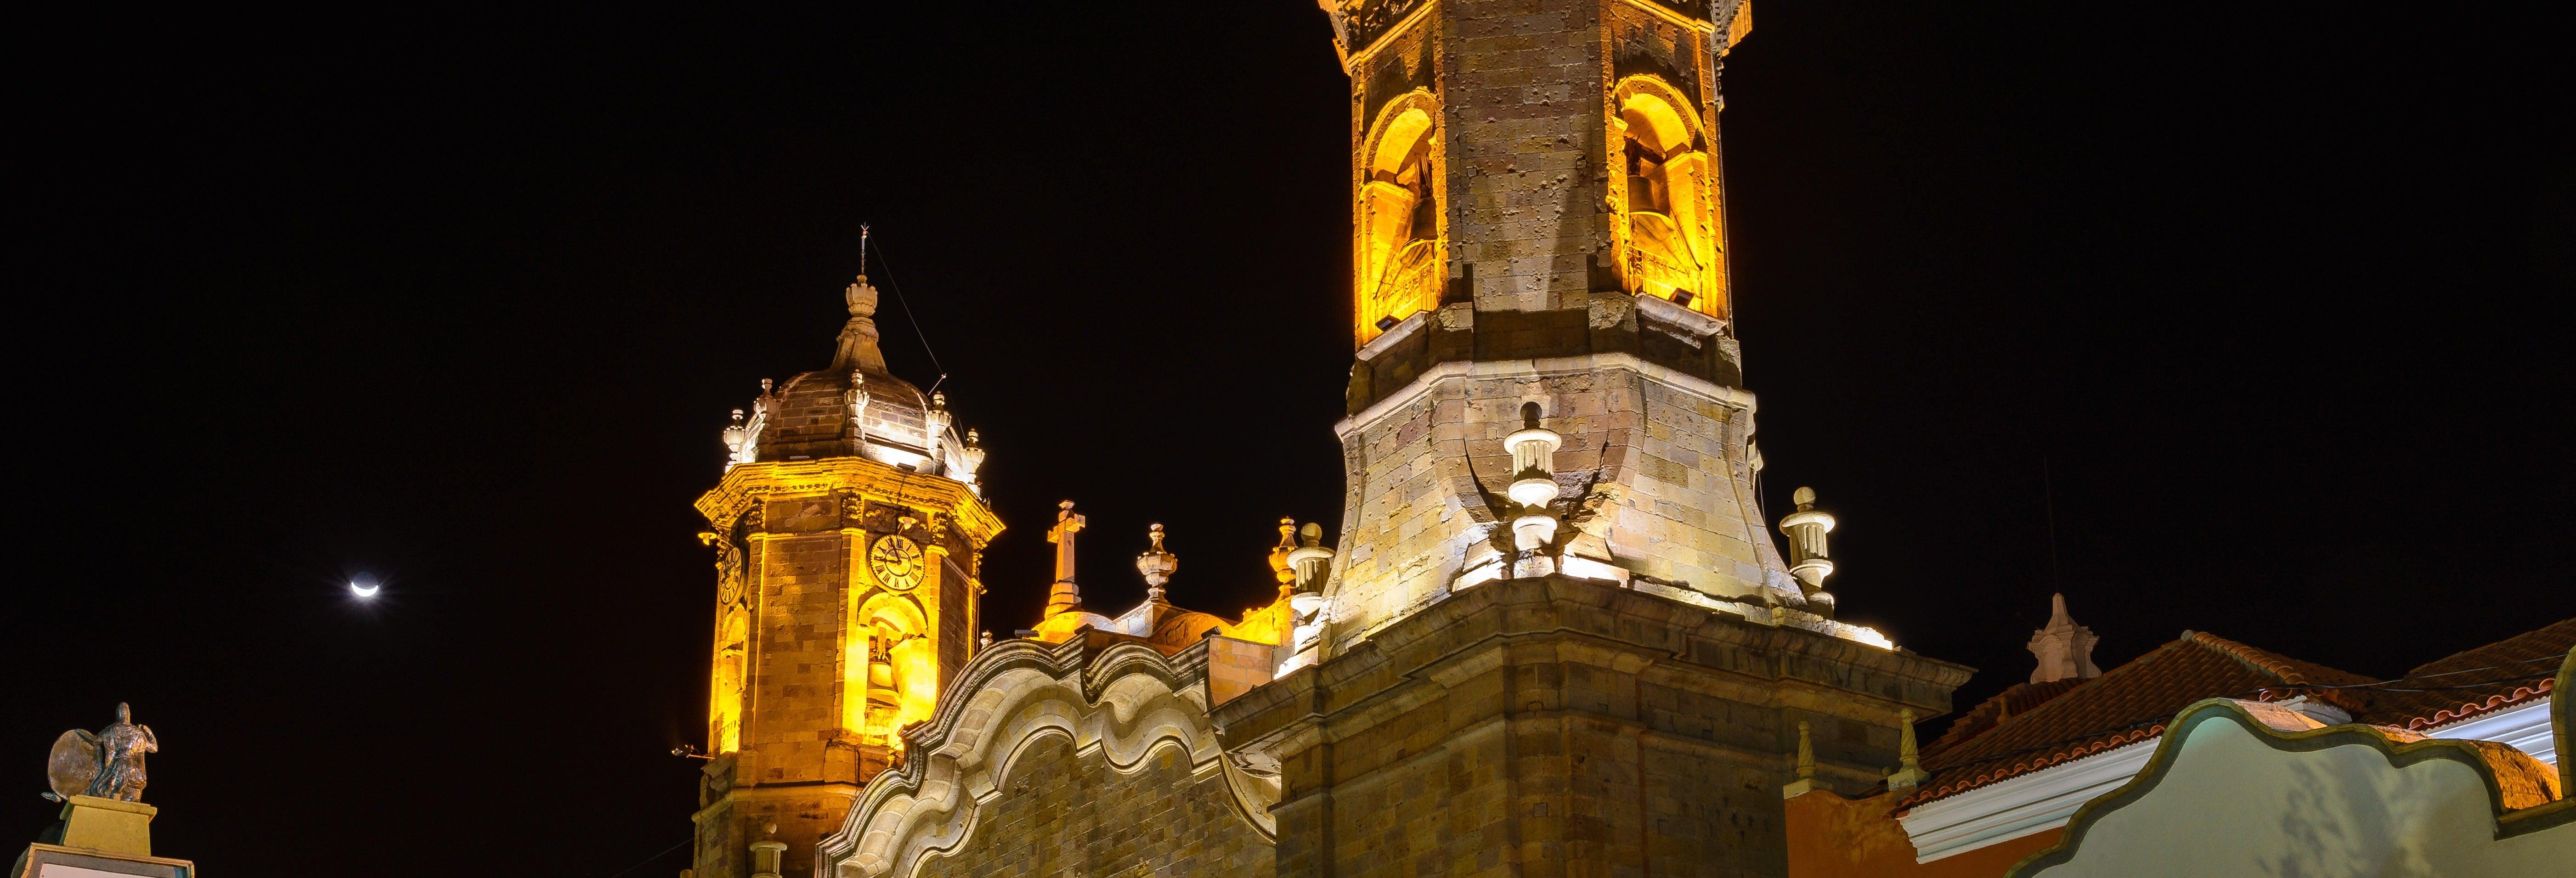 Tour de los misterios y leyendas de Potosí